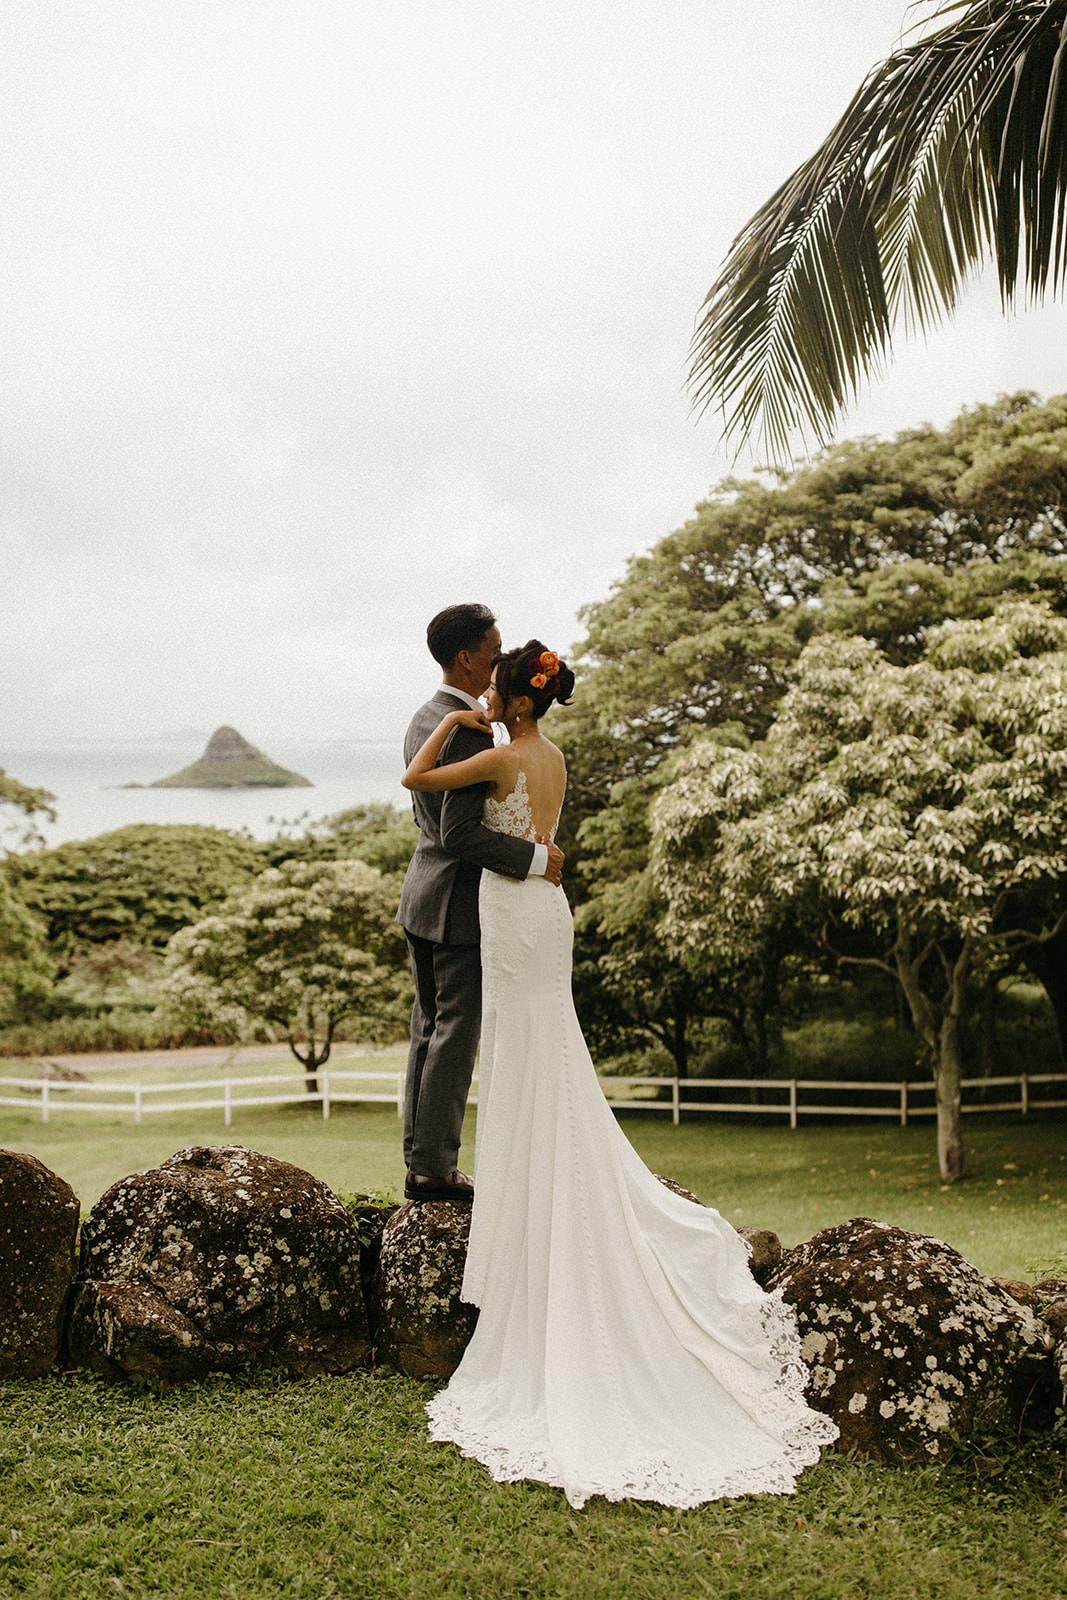 Kualoa_Hawaii_wedding_paliku_4.jpg